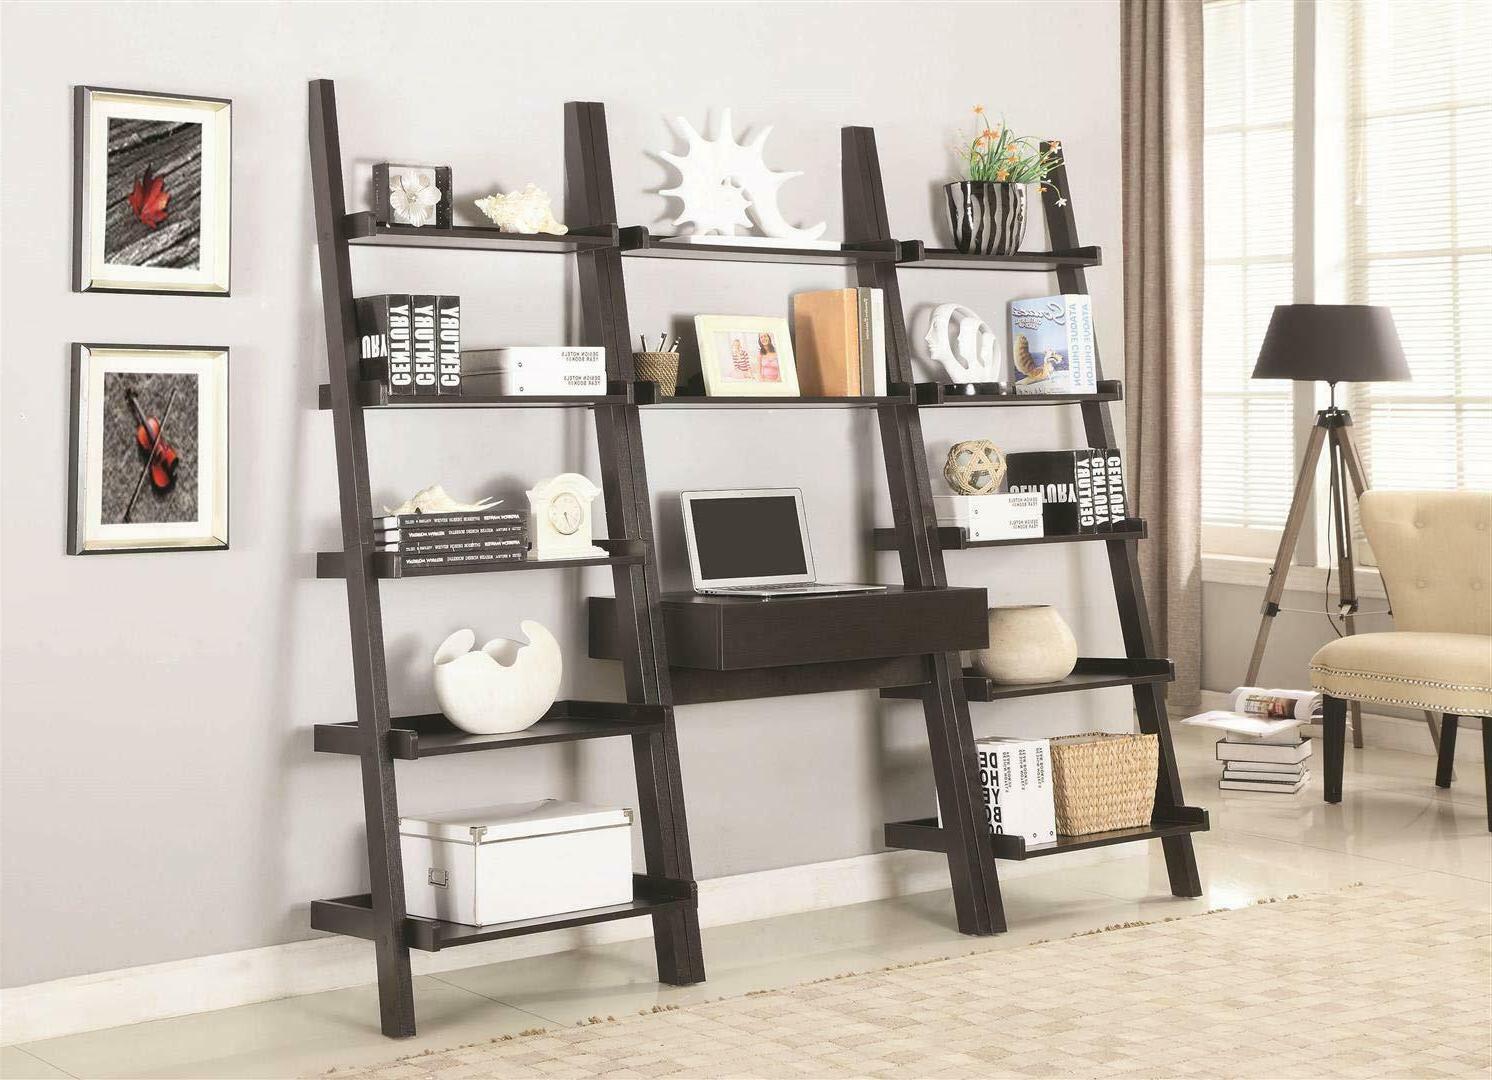 Coaster Furniture 801373 Ladder Cappuccino